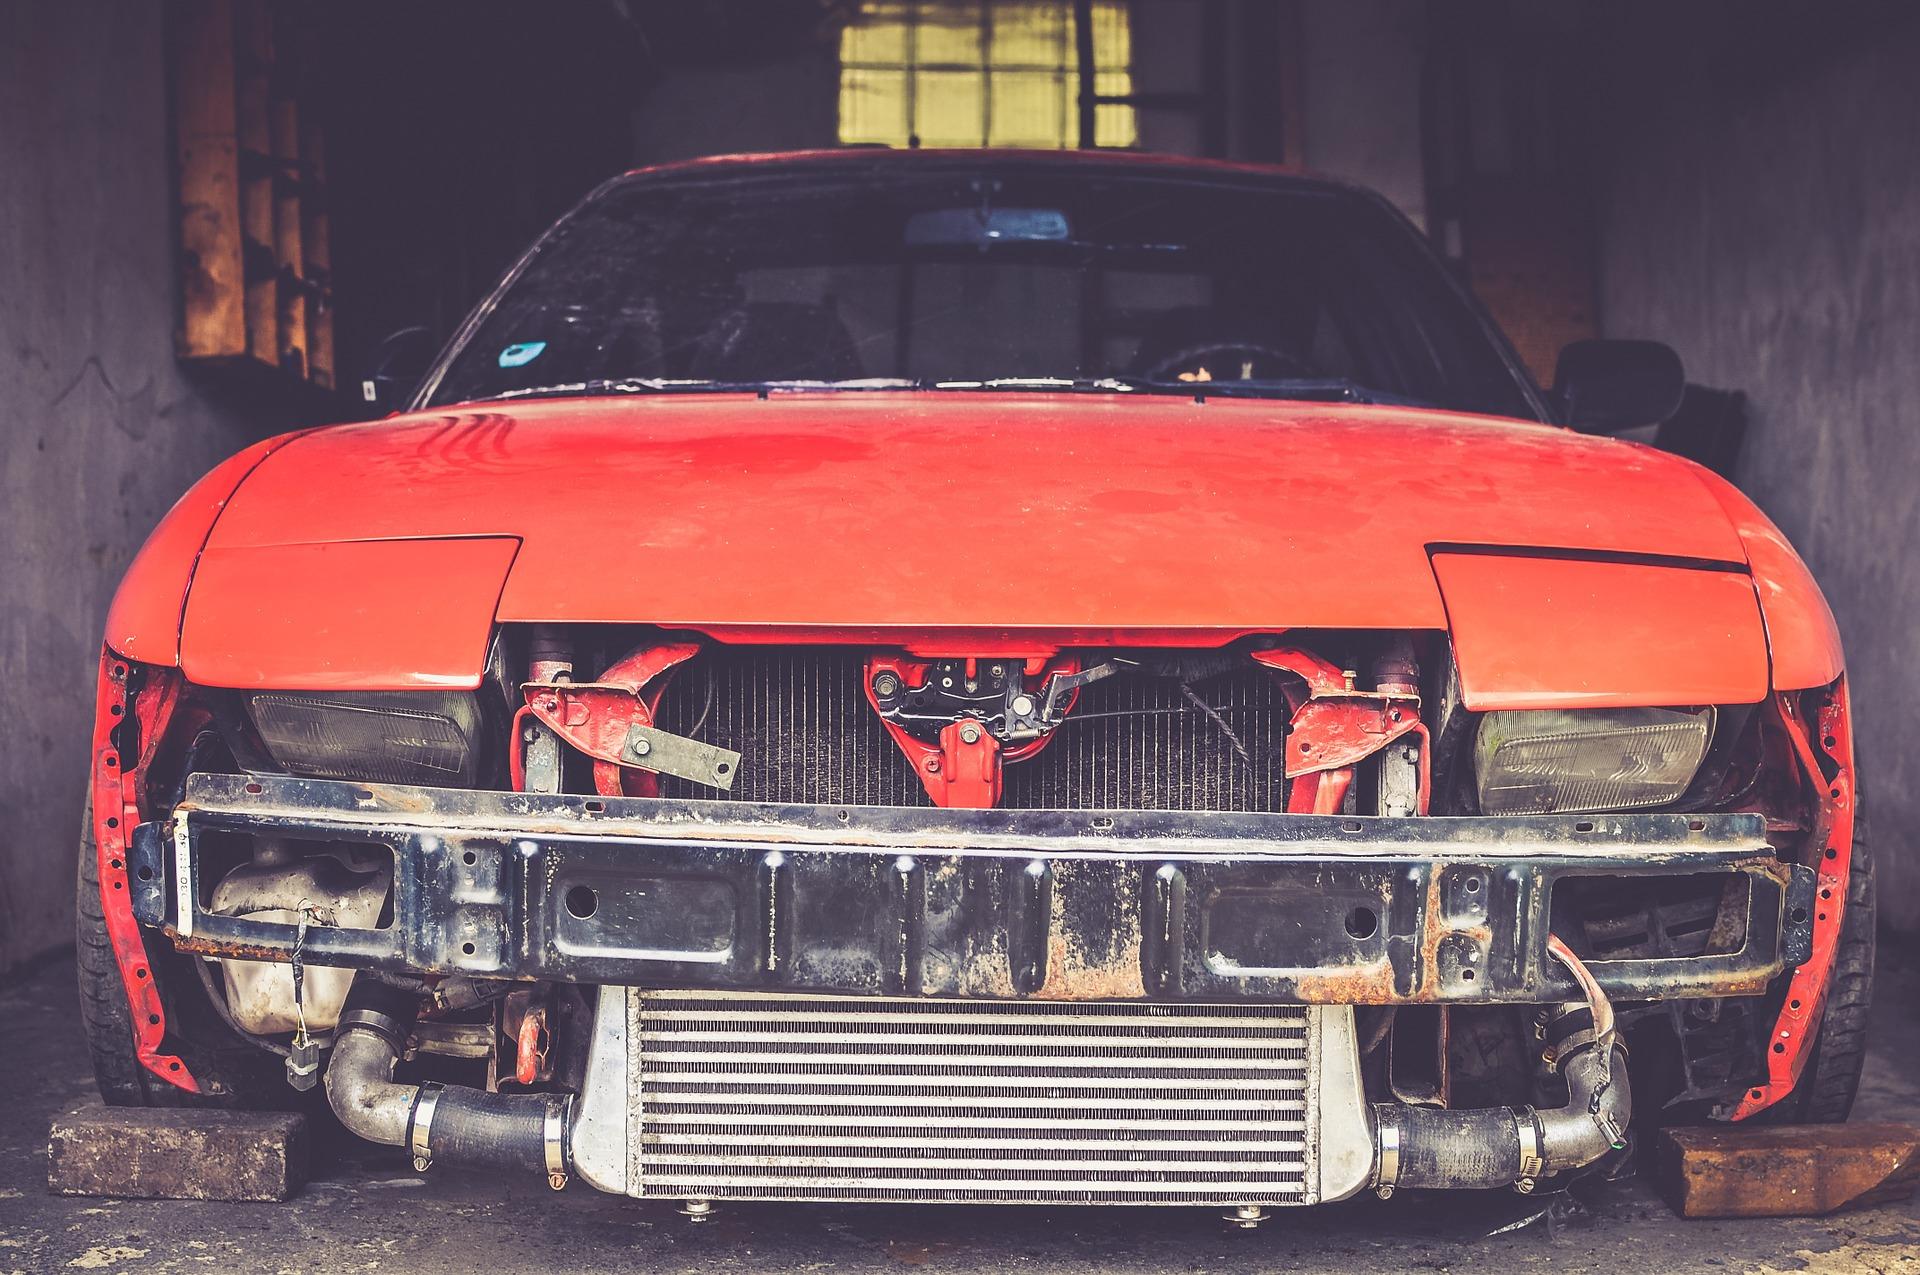 Rachat de voiture accidentée en toute sécurité